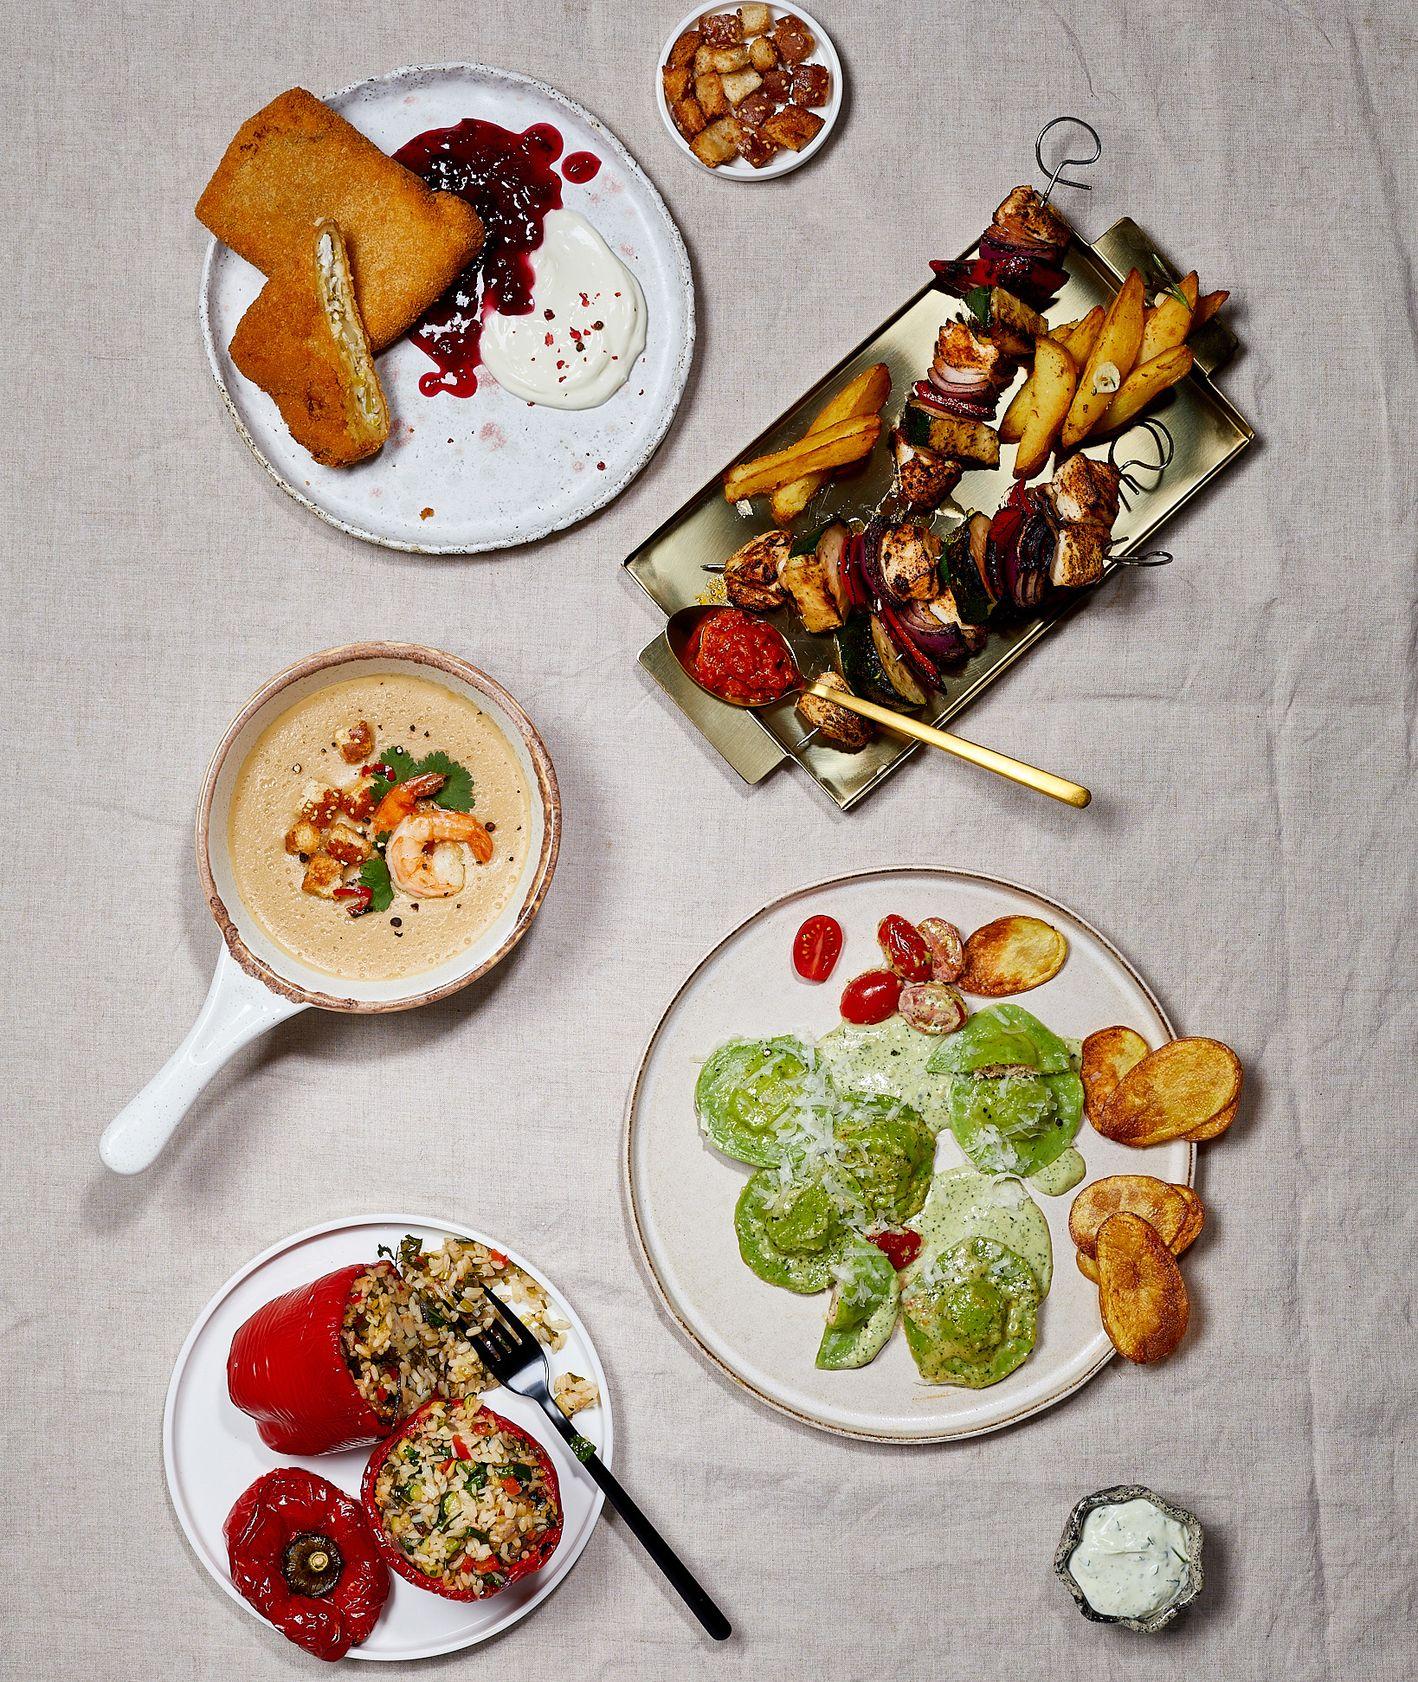 Restauracja od kuchni: Warmut (fot. Maciek Niemojewski)